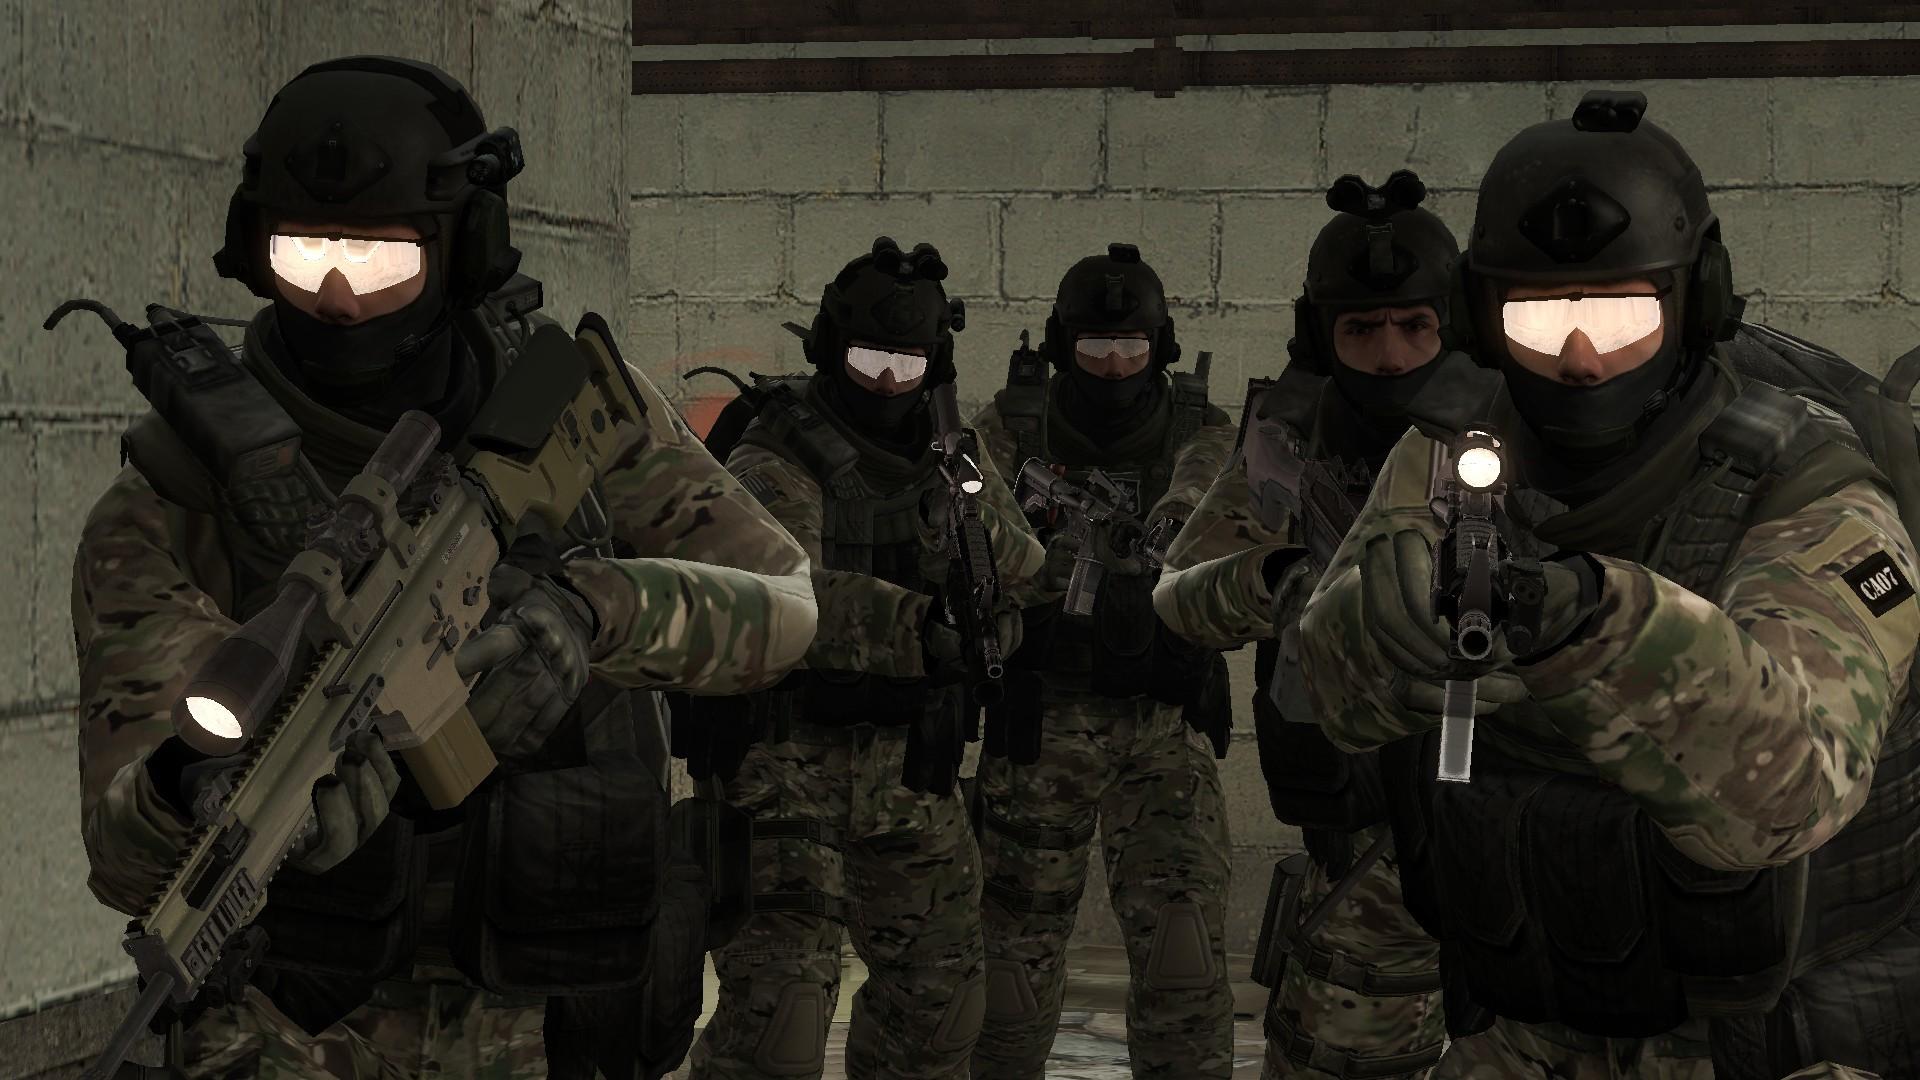 … CS:GO SEAL Team 6 by b2009